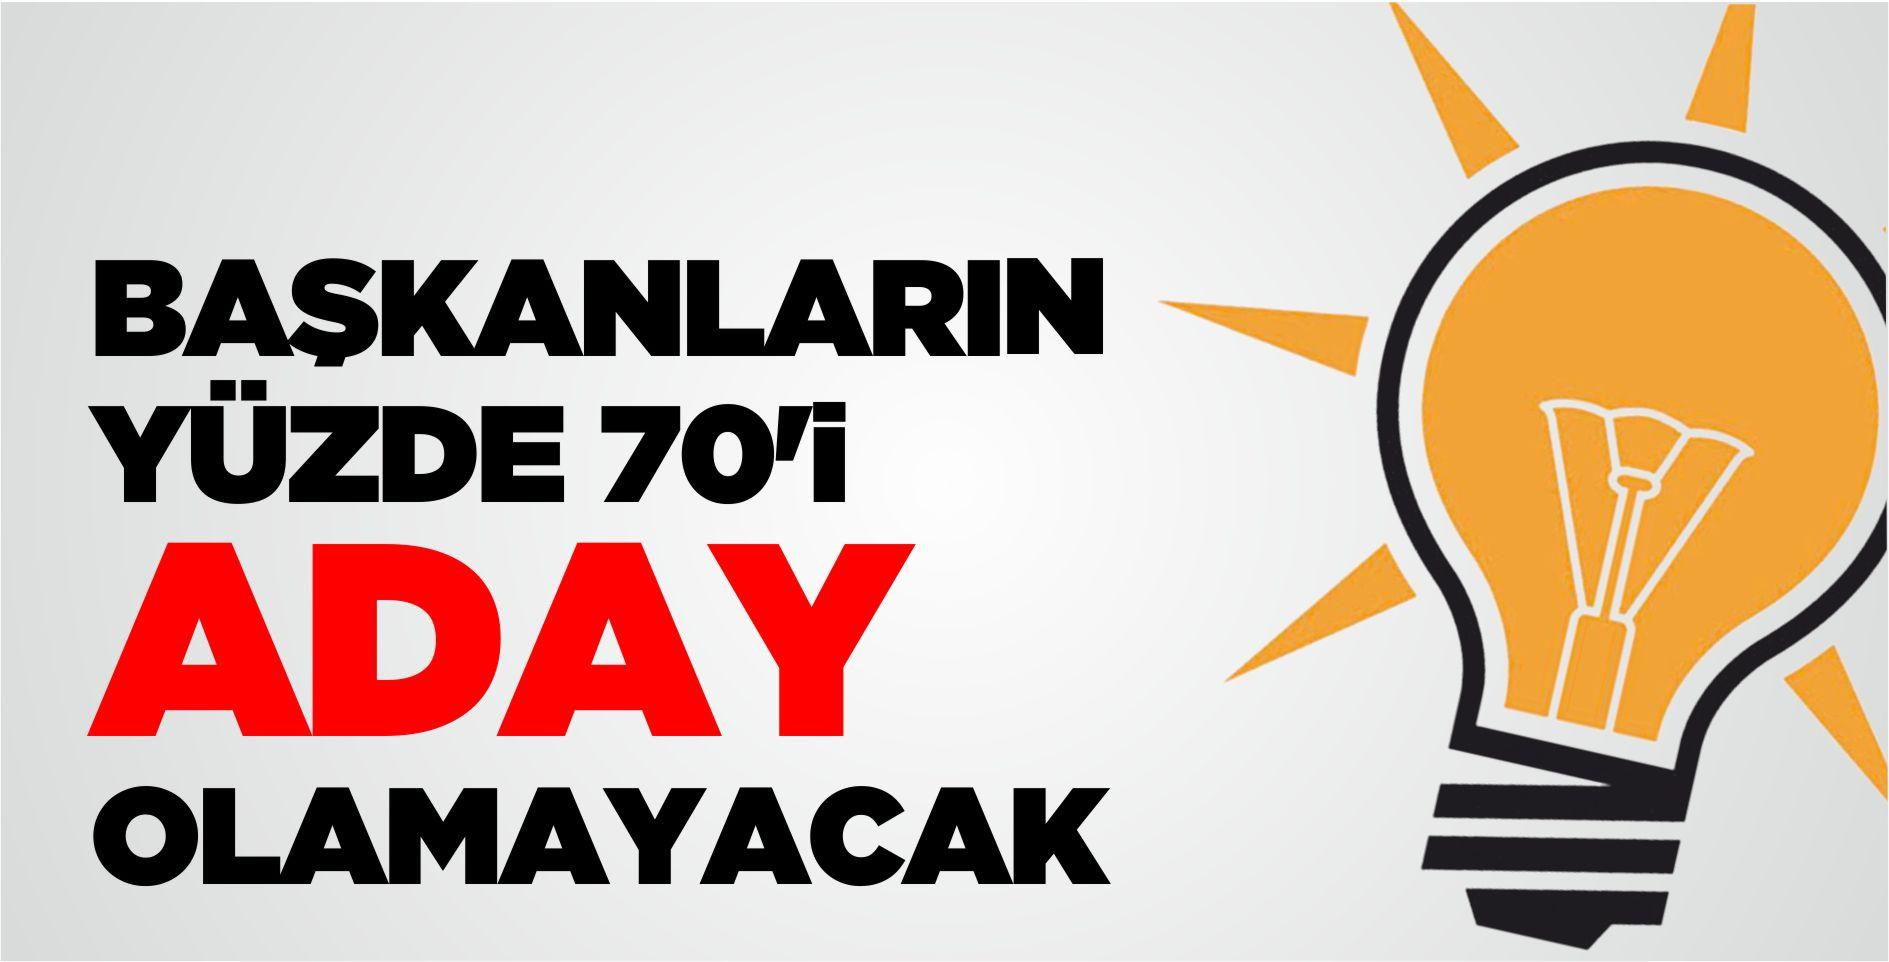 AK PARTİ'DE BAŞKANLARIN YÜZDE 70'İ ADAY OLAMAYACAK